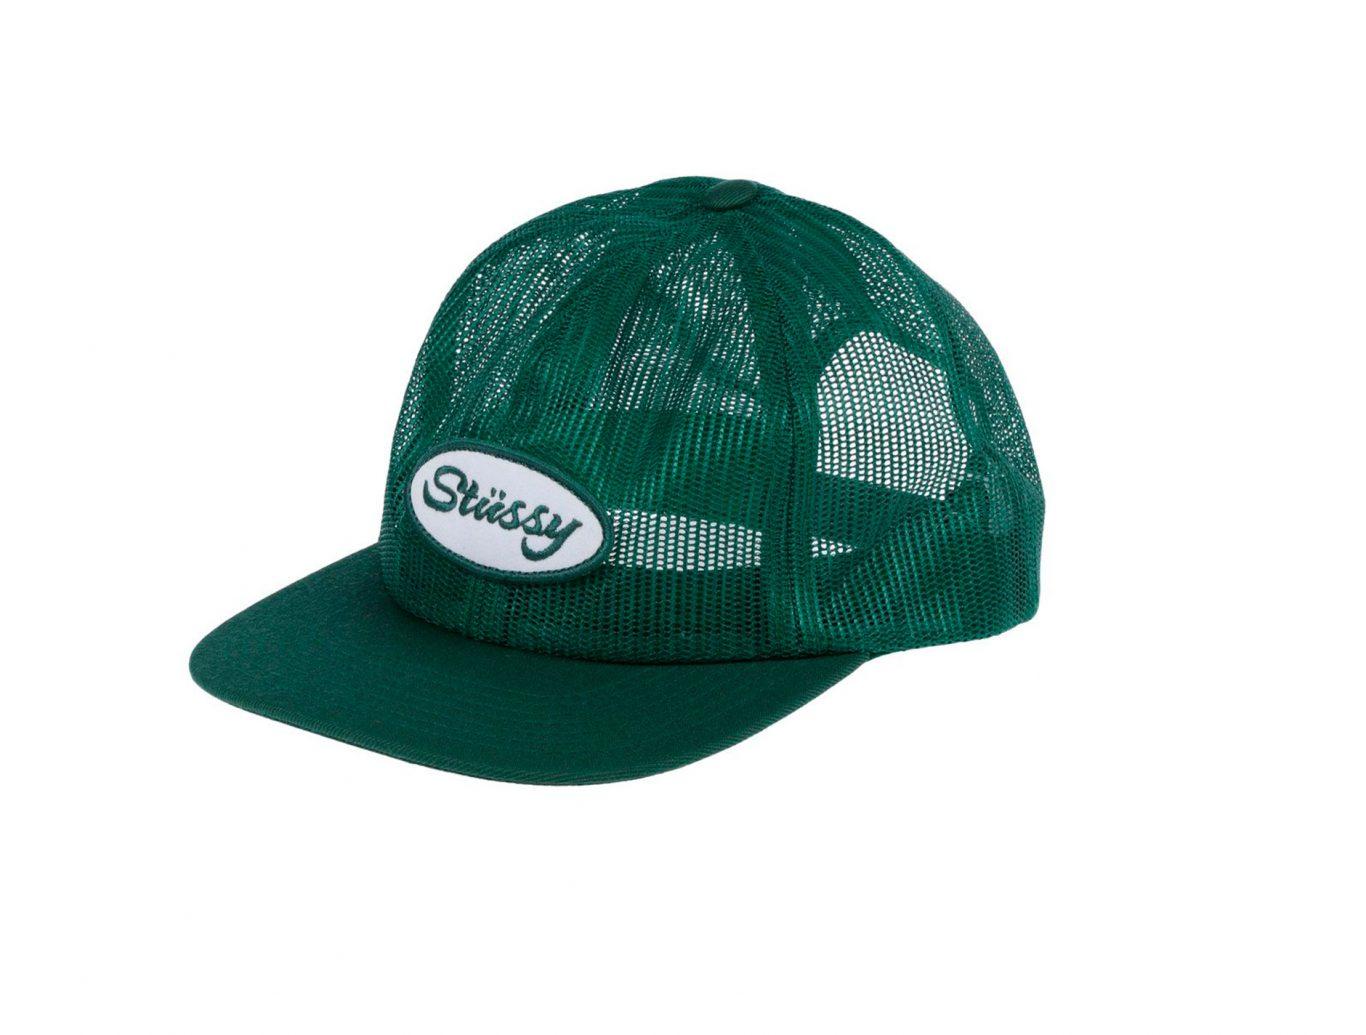 STUSSY-Sombrero-EUR-3900